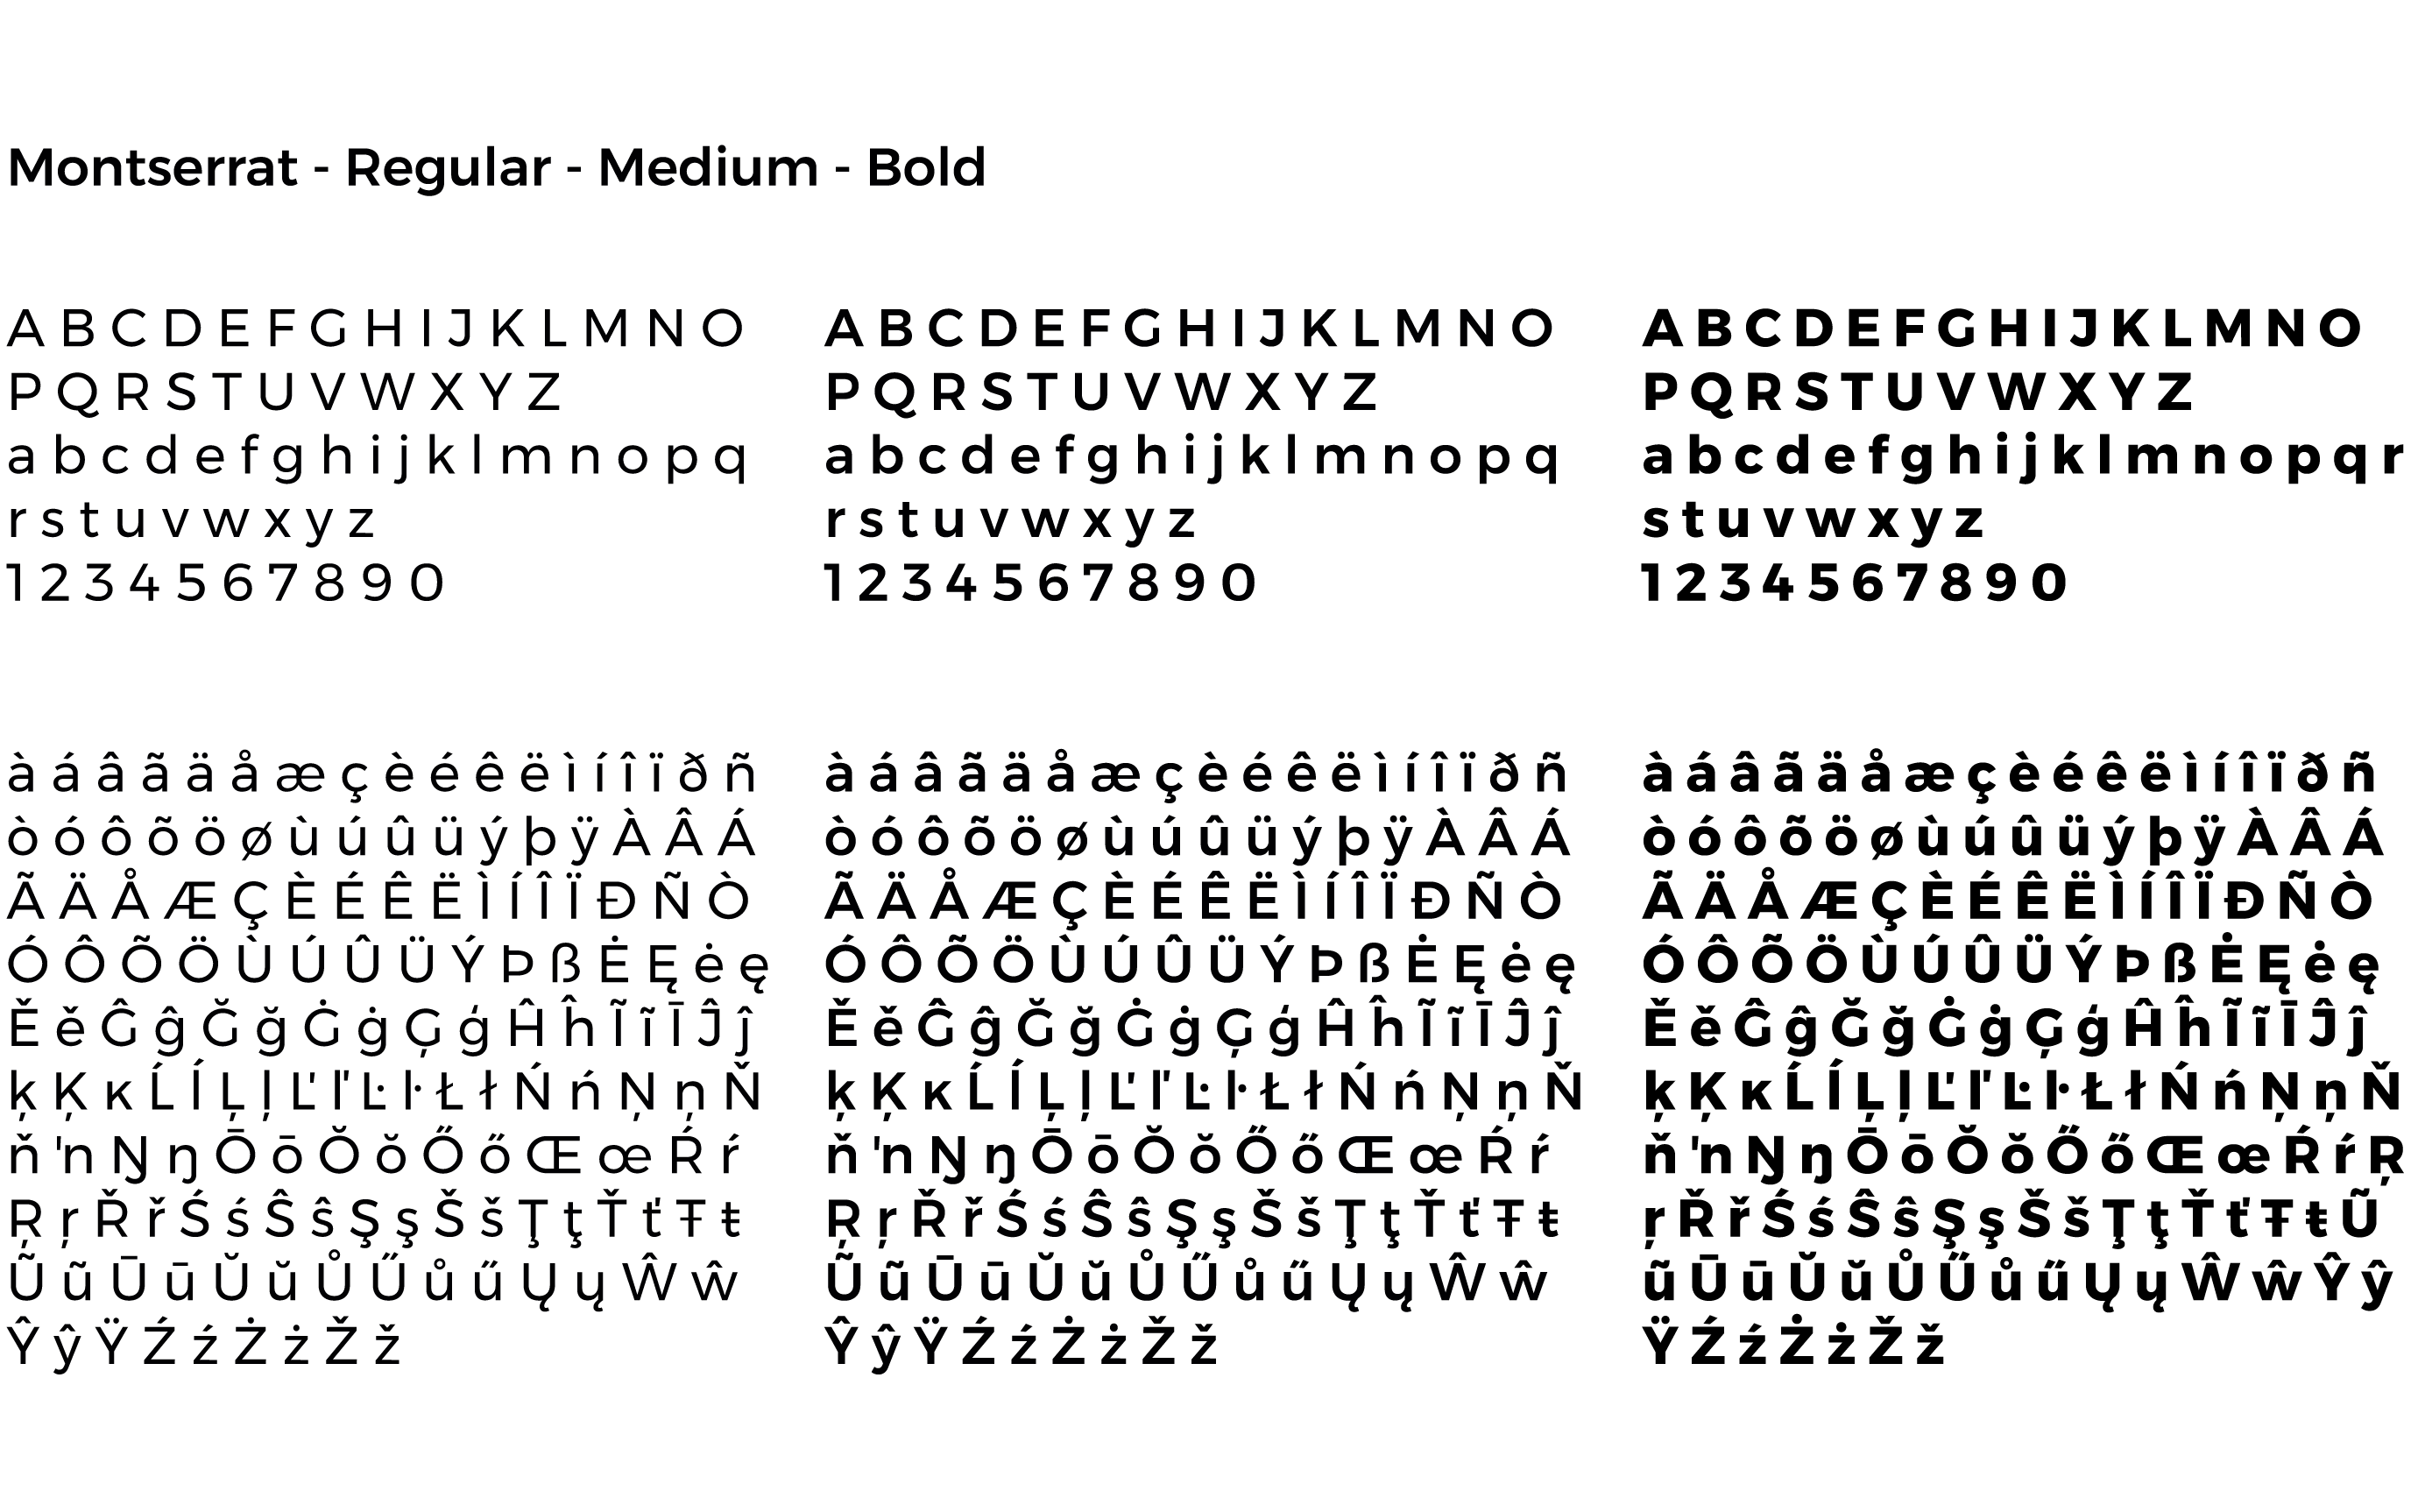 font-01-01